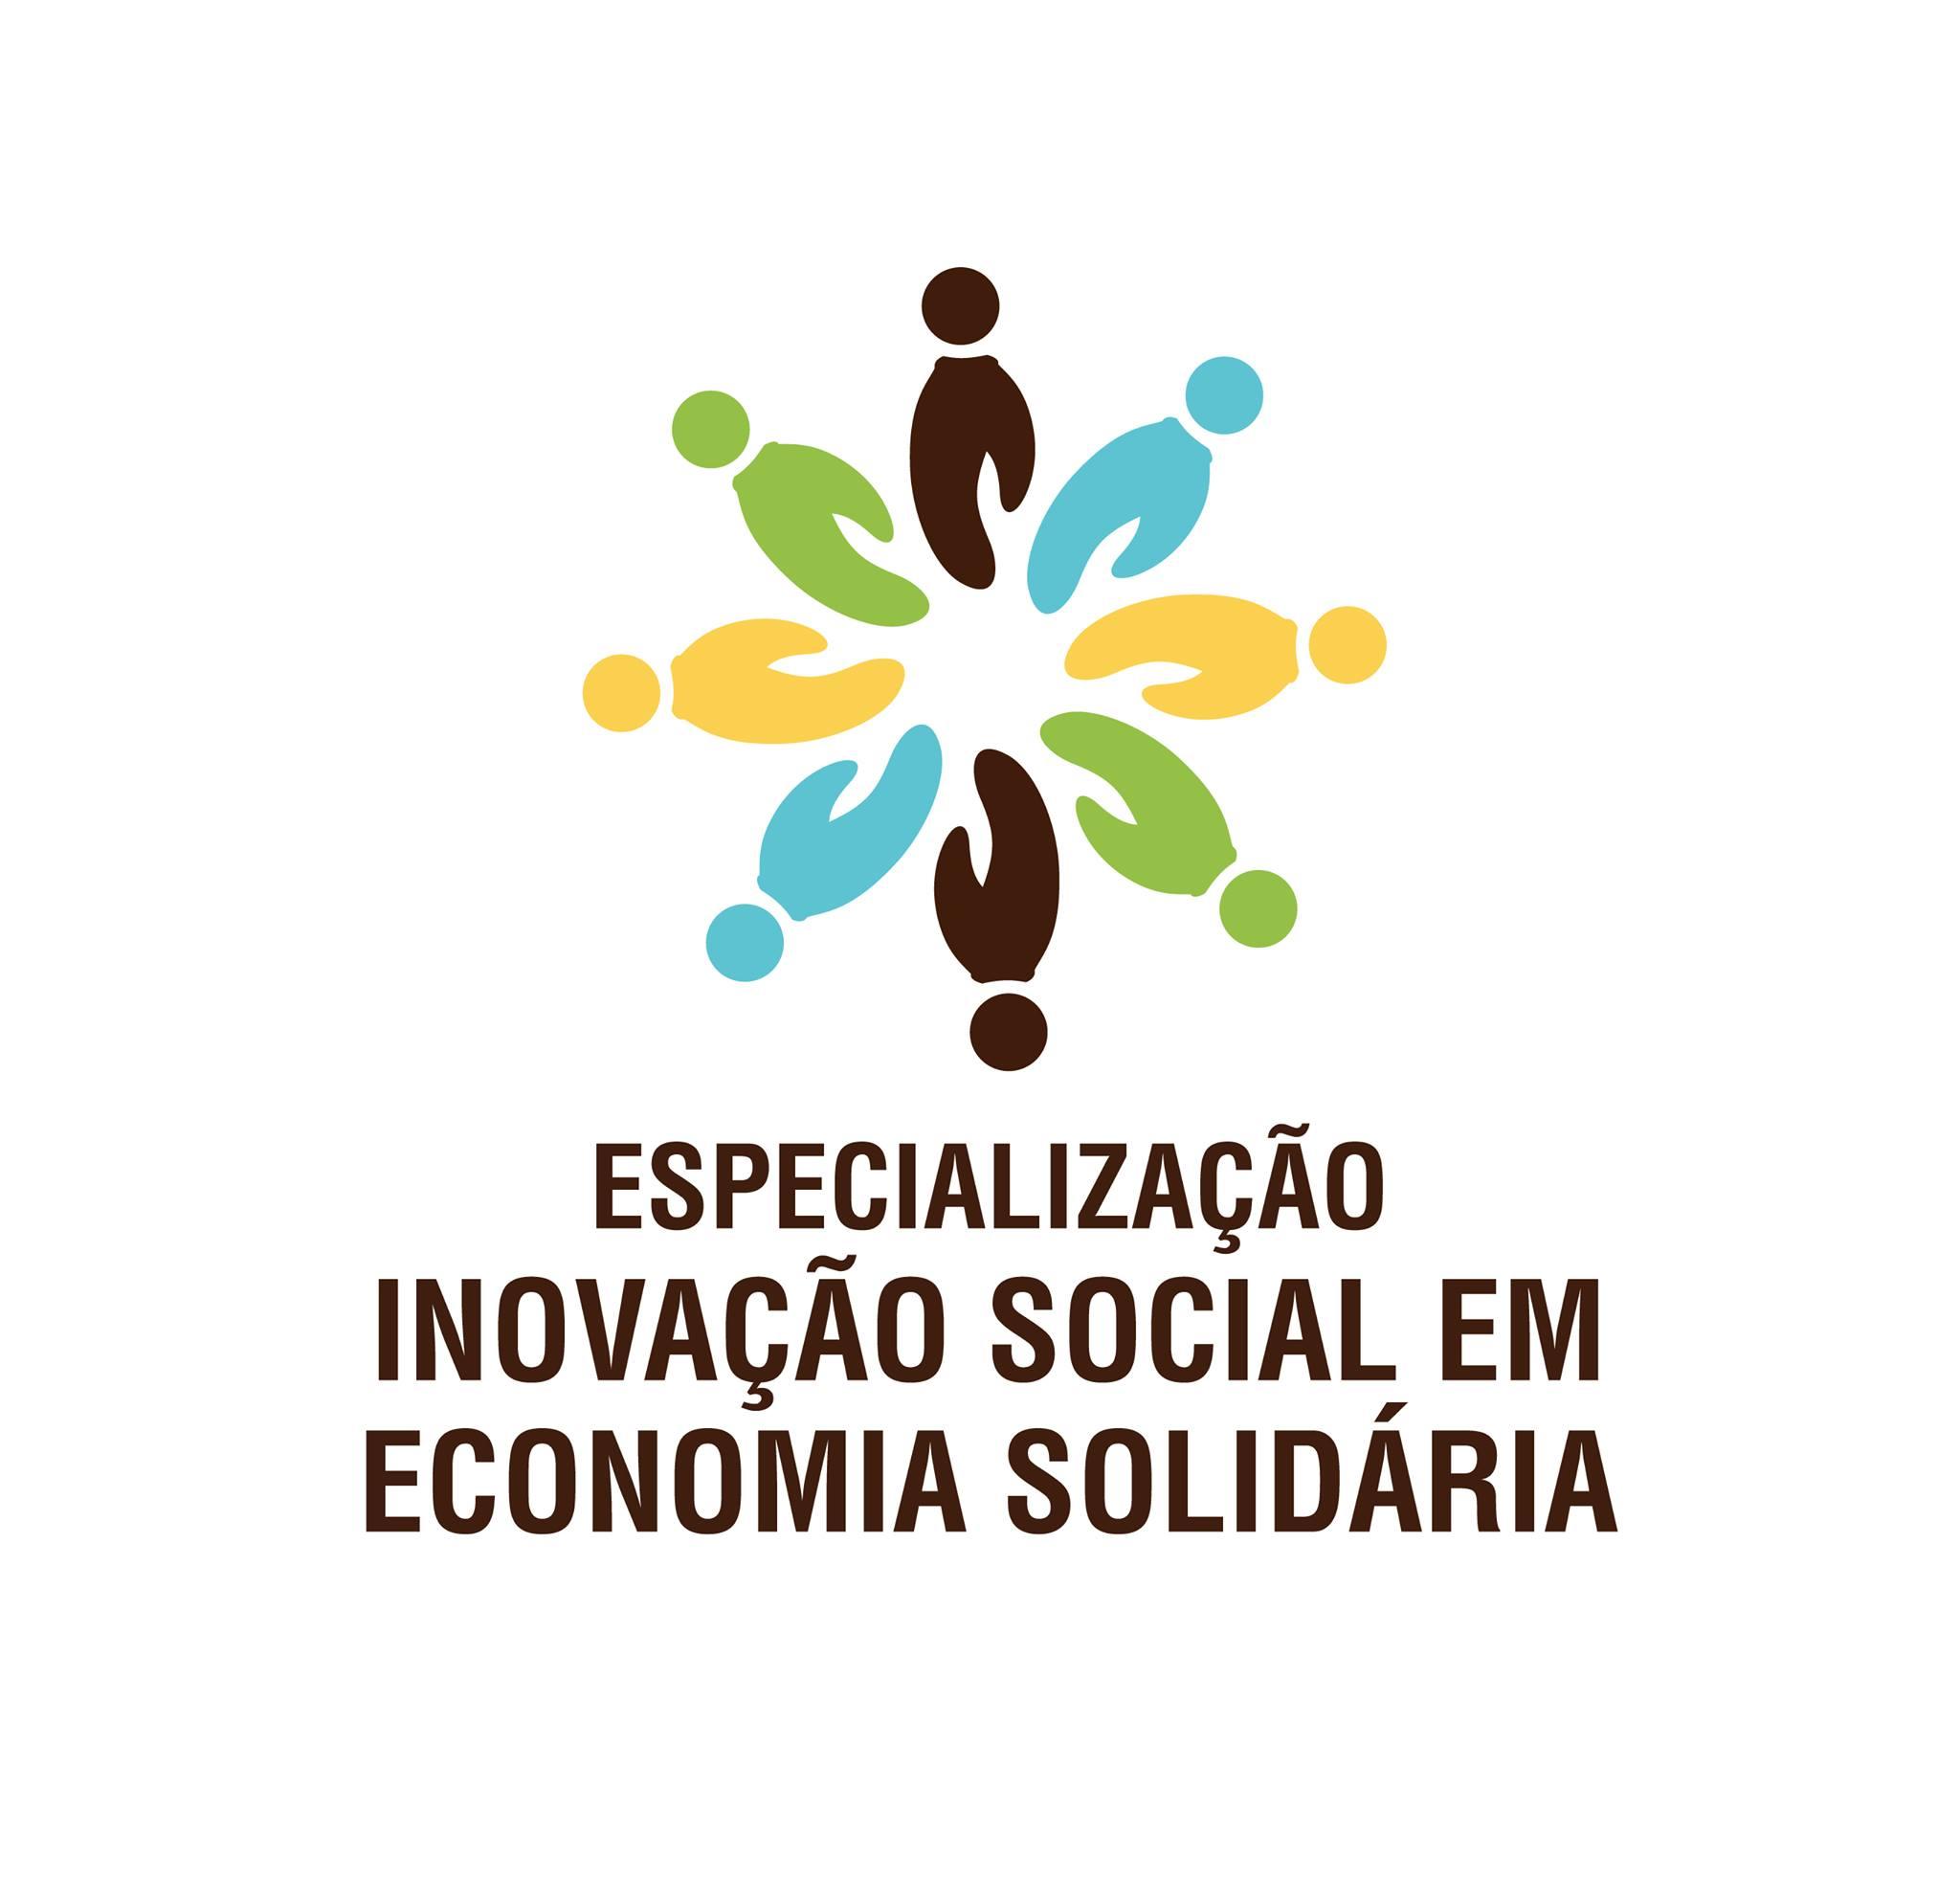 Especialização em Inovação Social em Economia Solidária